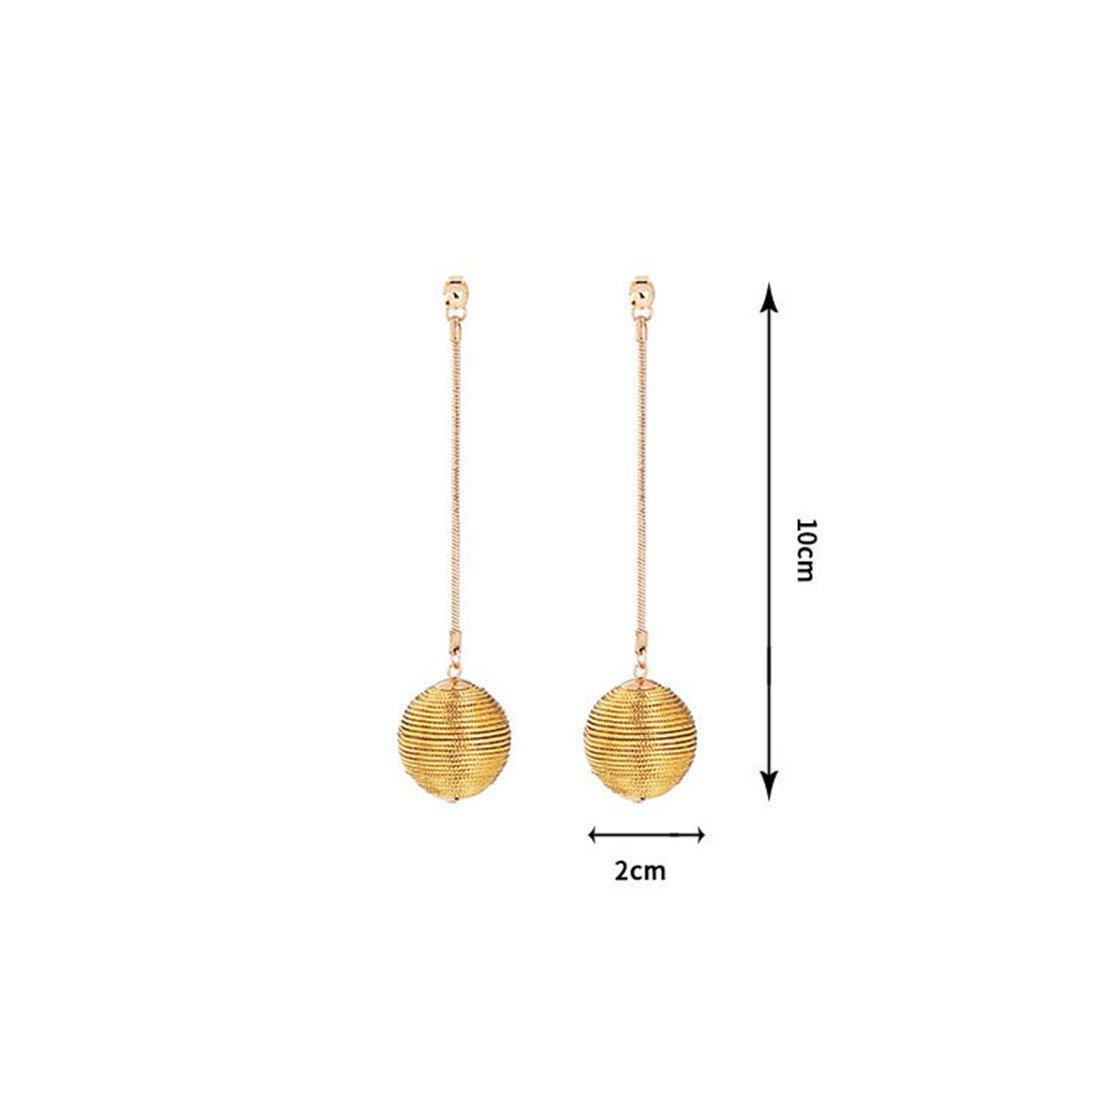 earrings long tassels ball earrings|clip on earrings|ear cuffs|dangle earrings|earring jackets|hoop earrings|stud earrings|European and American fashion tassels pendants ladies studs